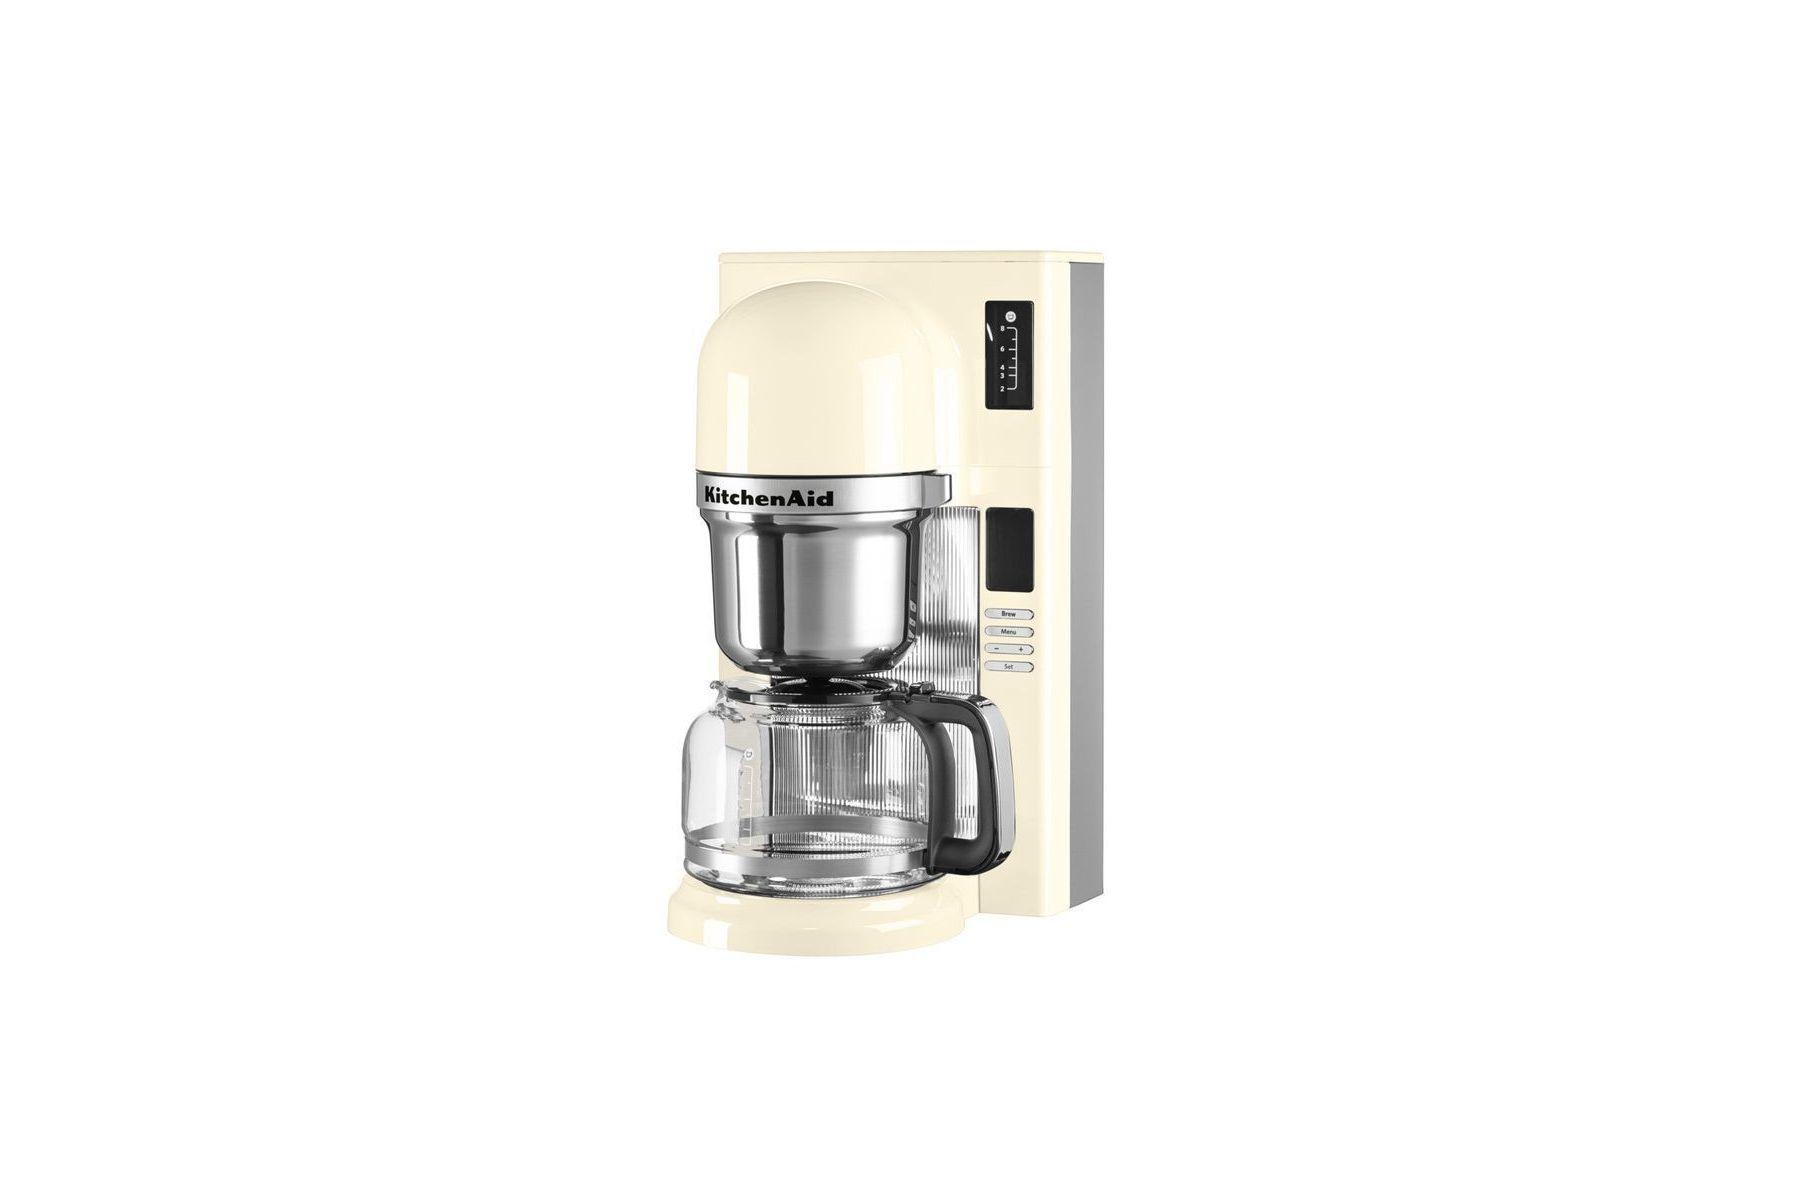 Кофеварки и кофемашины KitchenAid уже в продаже!